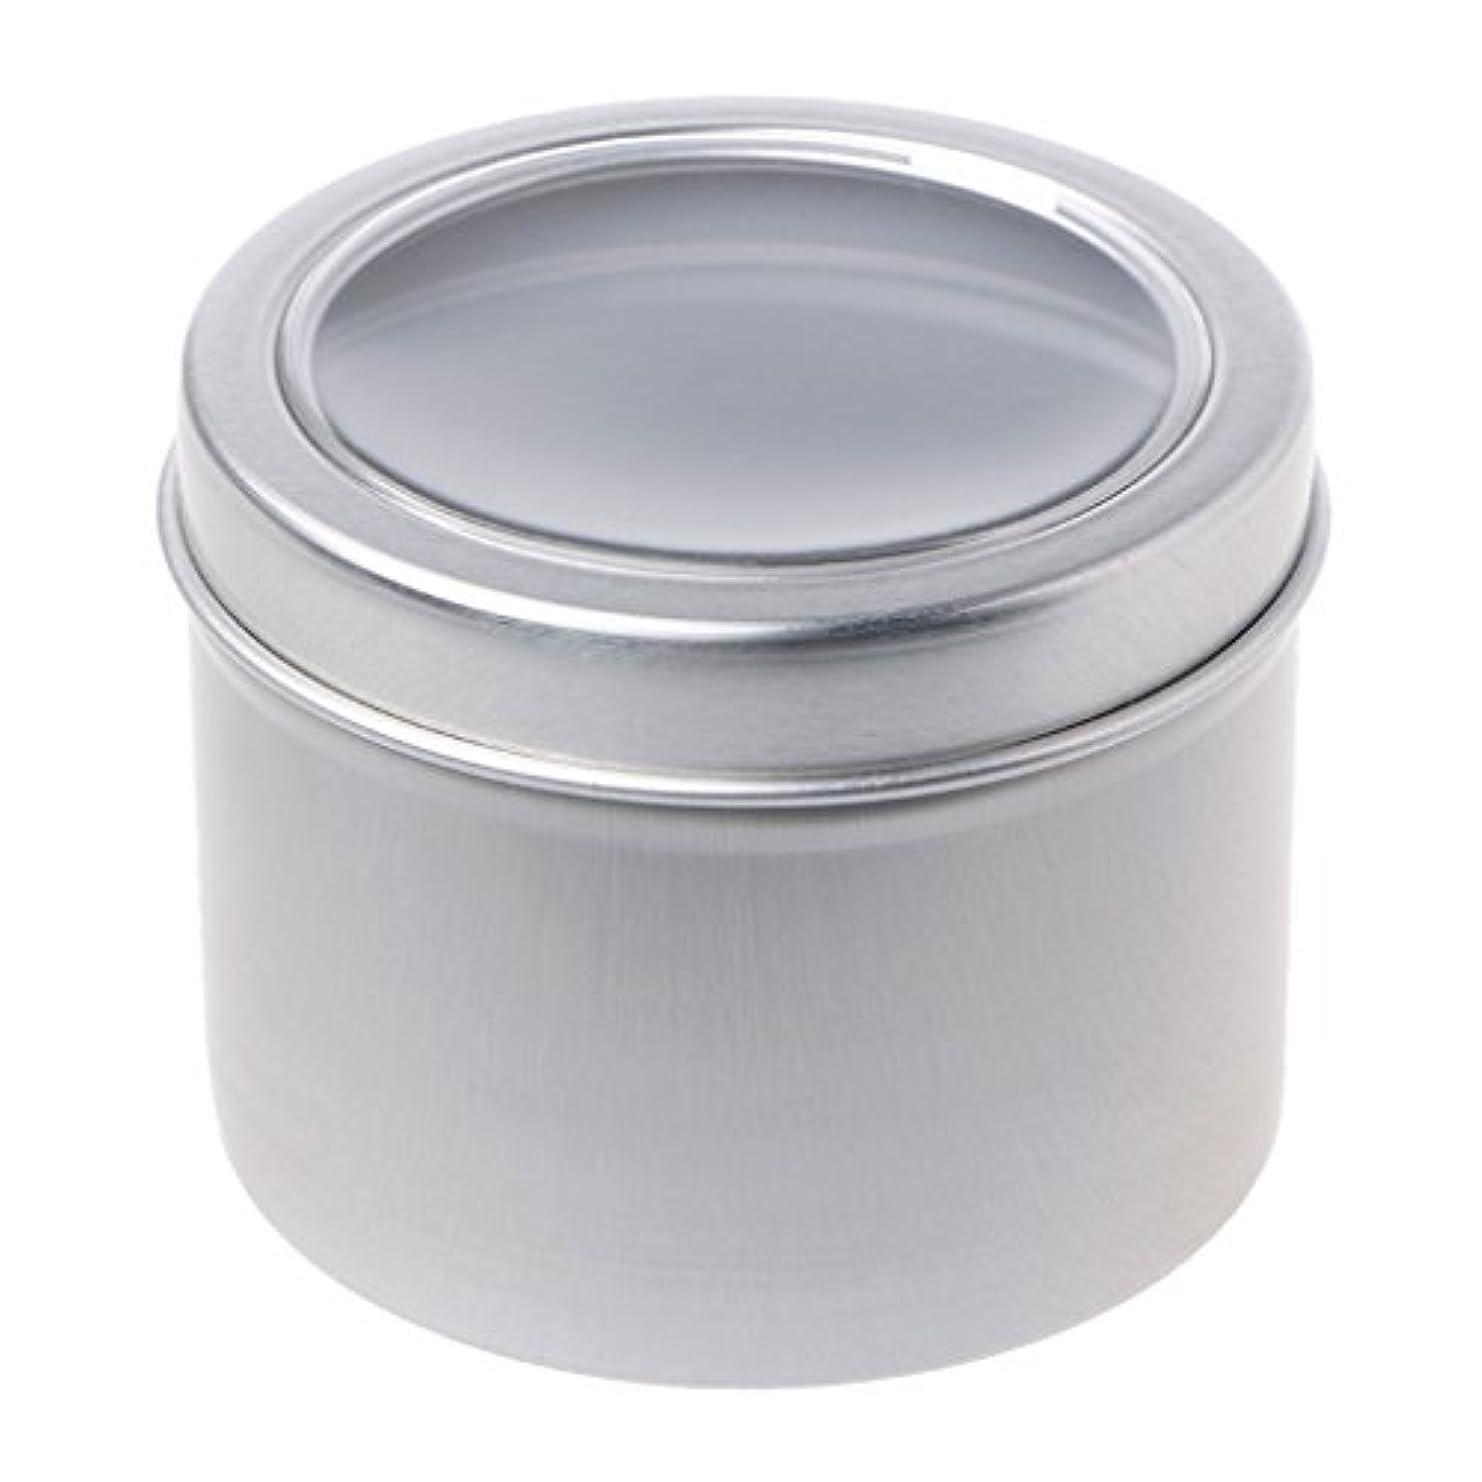 小売市区町村証拠SimpleLife 60mlラウンドスティンケースコンテナ、蓋が空のクリアウィンドウスイング、蓋付き、スモールガジェット、DIYリップバーム - スパイスケース、アルミ容器ボックス/ミニポケットサイズの缶